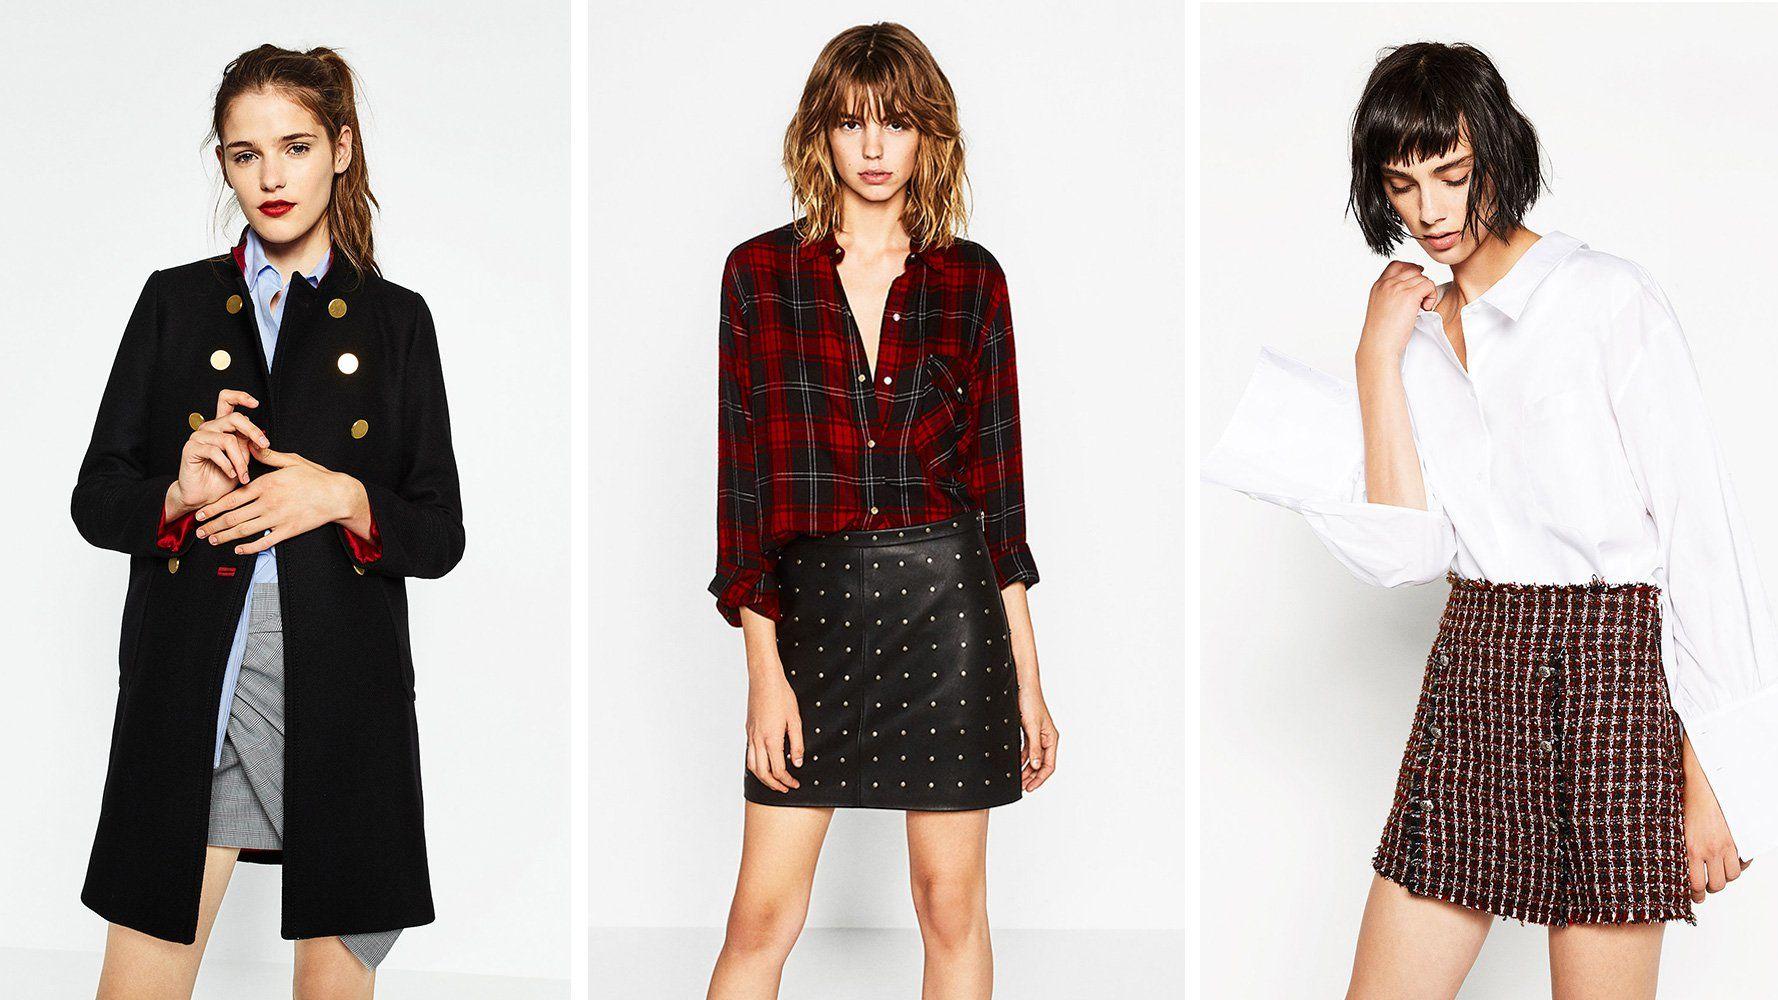 Zara collection hiver   35 pièces à shopper pour l hiver !   Mode ... f6dff40b2d18